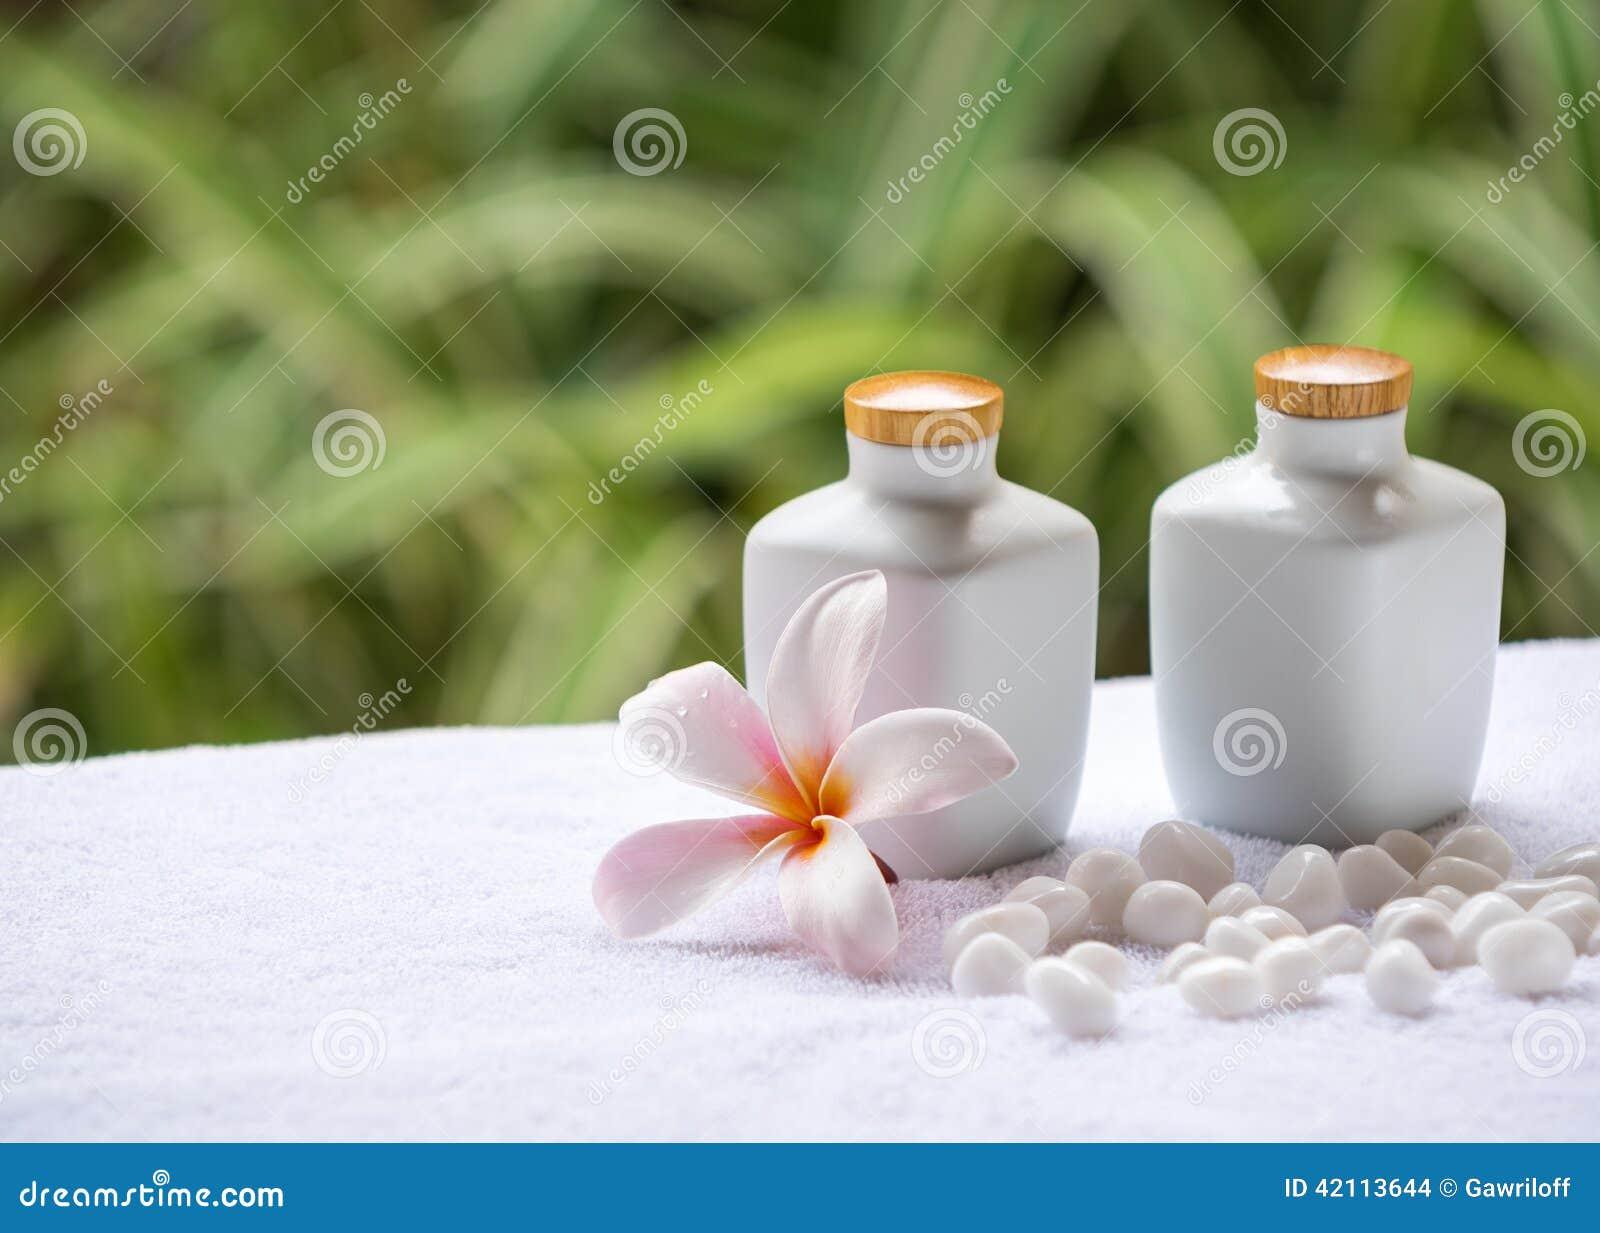 Station thermale et arrangement de bien-être avec du savon, les pierres et la serviette naturels sur le fond vert